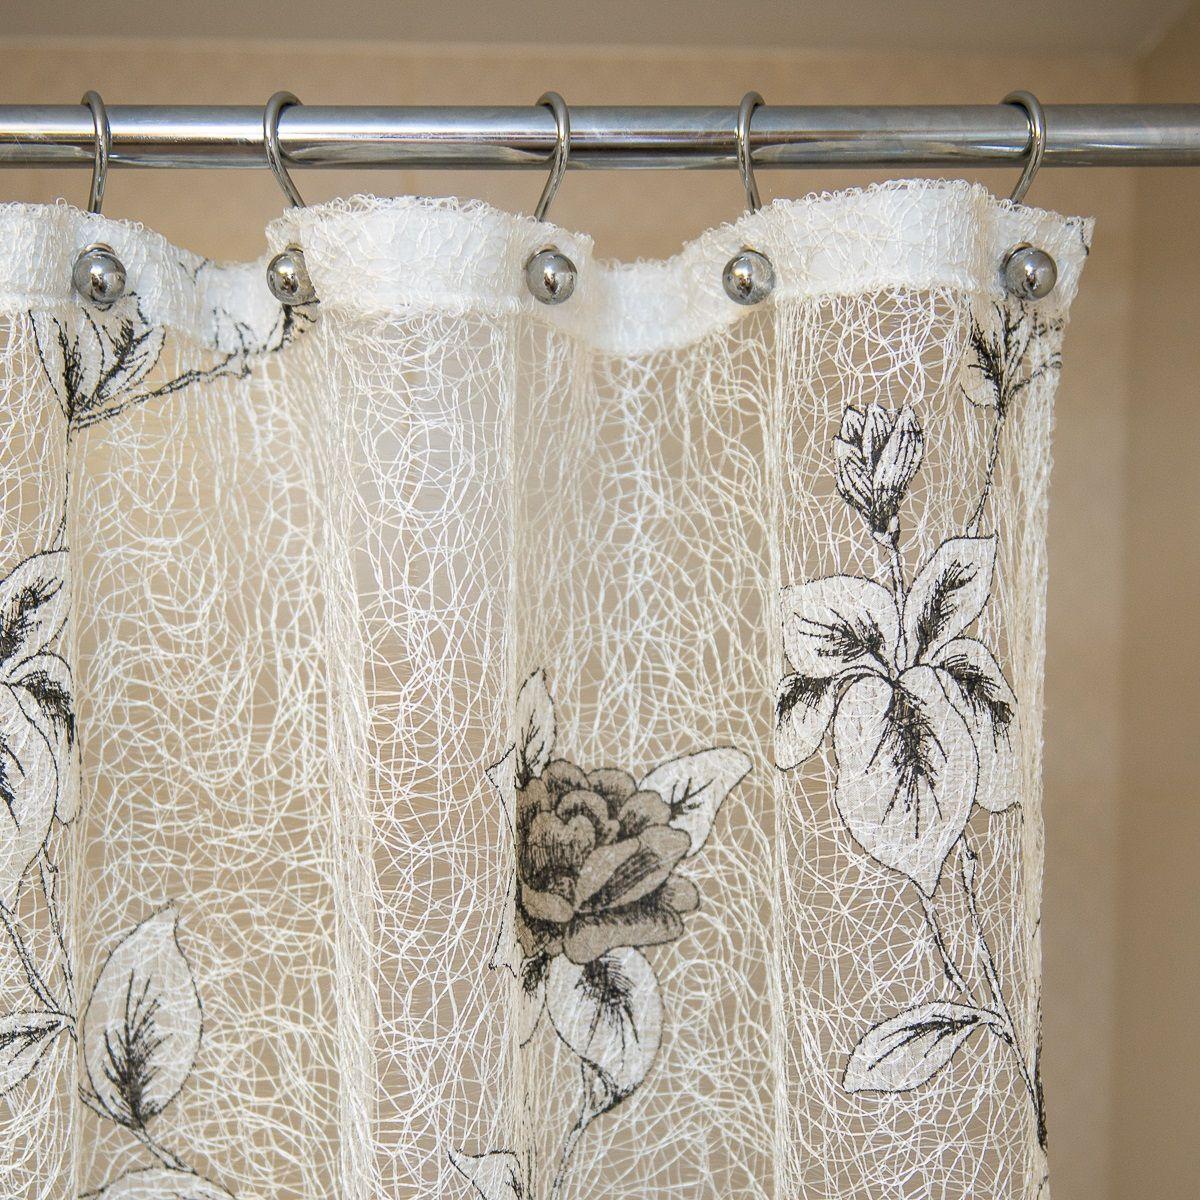 Шторки Шторка для ванной 180x200 Arti-Deco Saba C. Natural elitnaya-shtorka-dlya-vannoy-saba-c-natural-ot-arti-deco-ispaniya.jpg